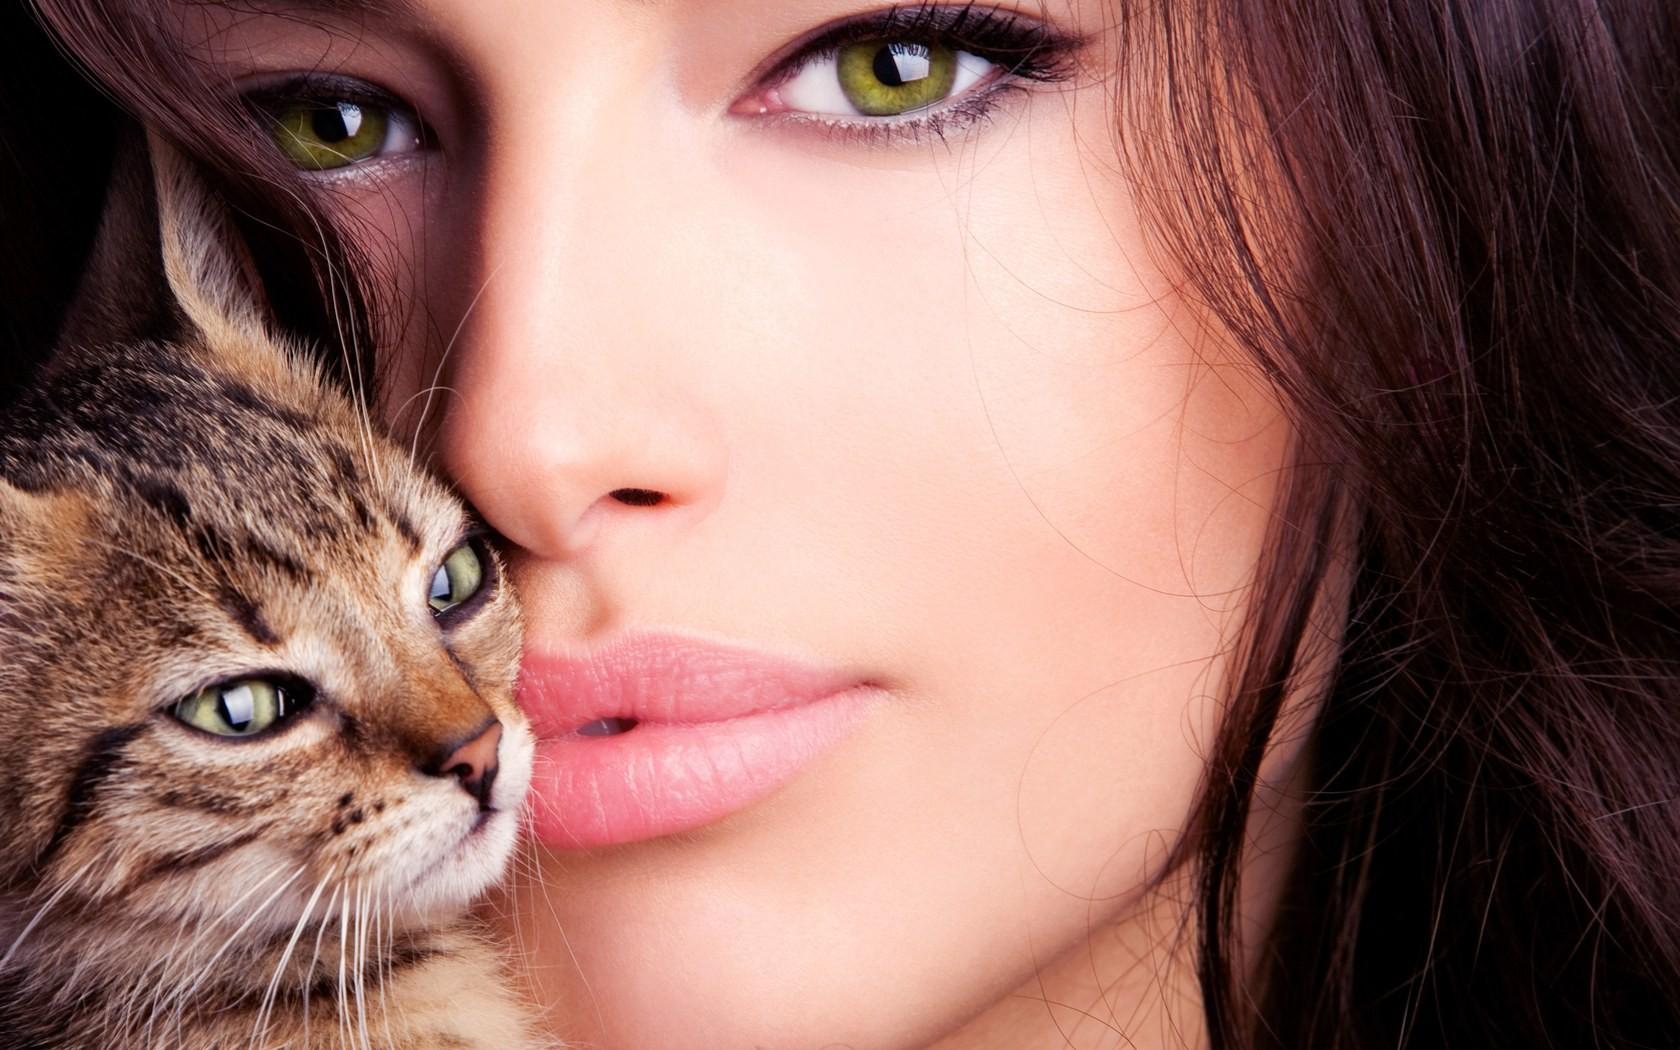 Una mujer bella y un gato - 1680x1050